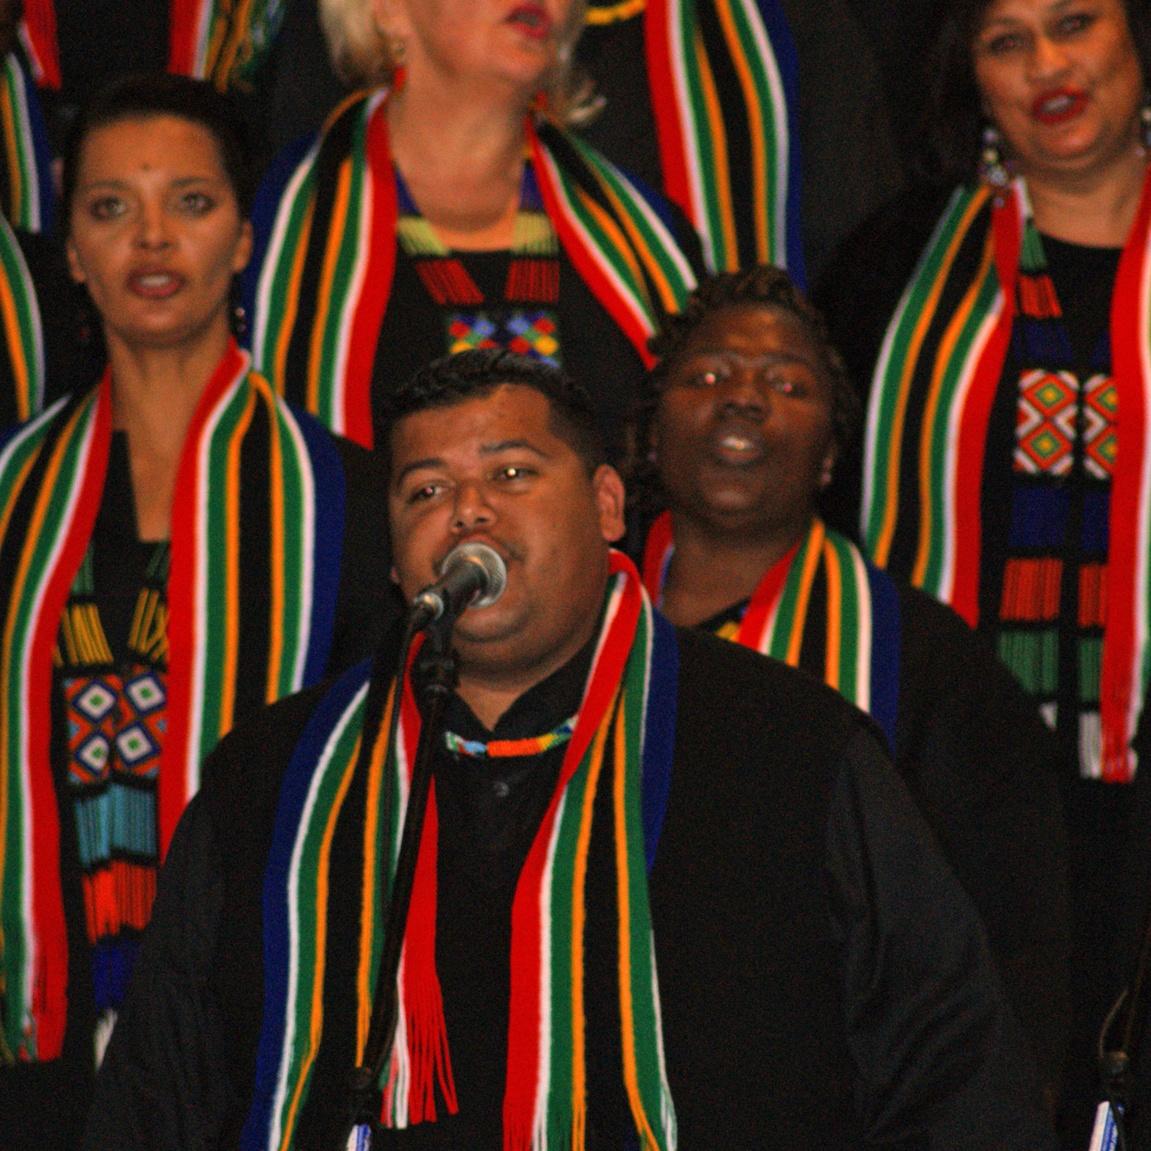 Konzert in der Marienkirche Höxter Libertas-Chor aus Südafrika begeisterte Besucher